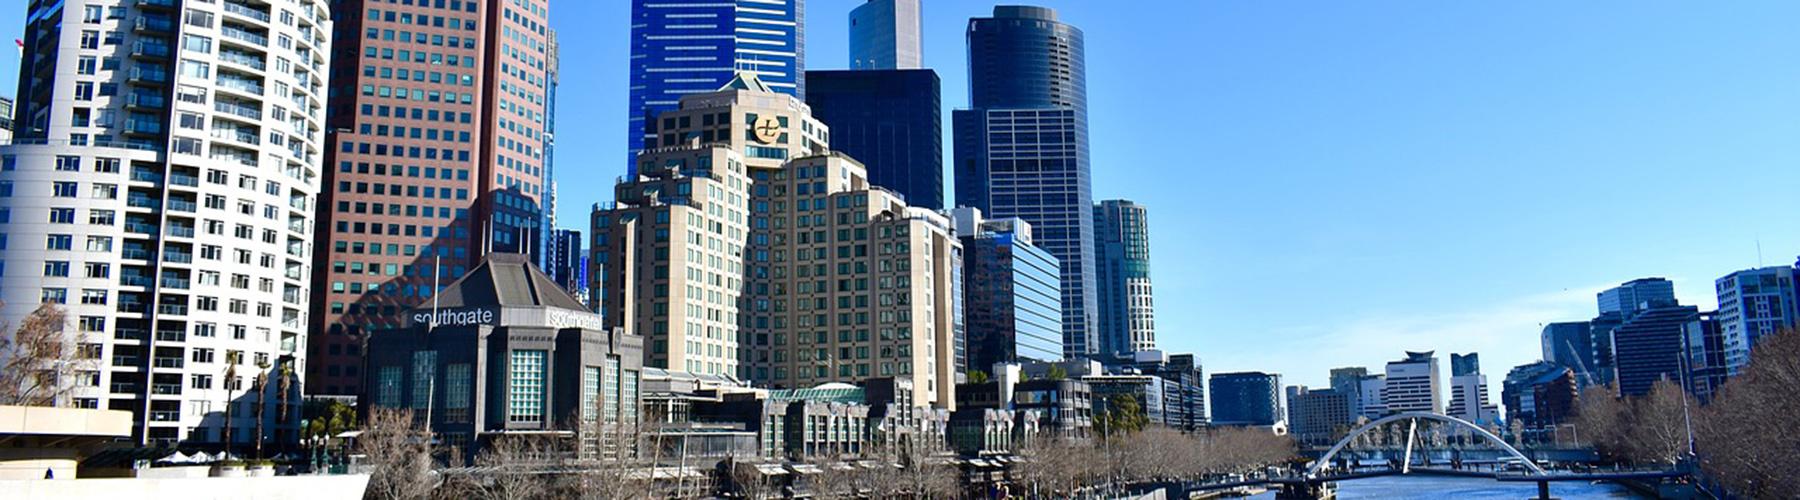 Melbourne – Retkeily lähellä maamerkkiä Eureka Tower. Melbourne -karttoja, valokuvia ja arvosteluja kaikista Melbourne -retkeilyalueista.